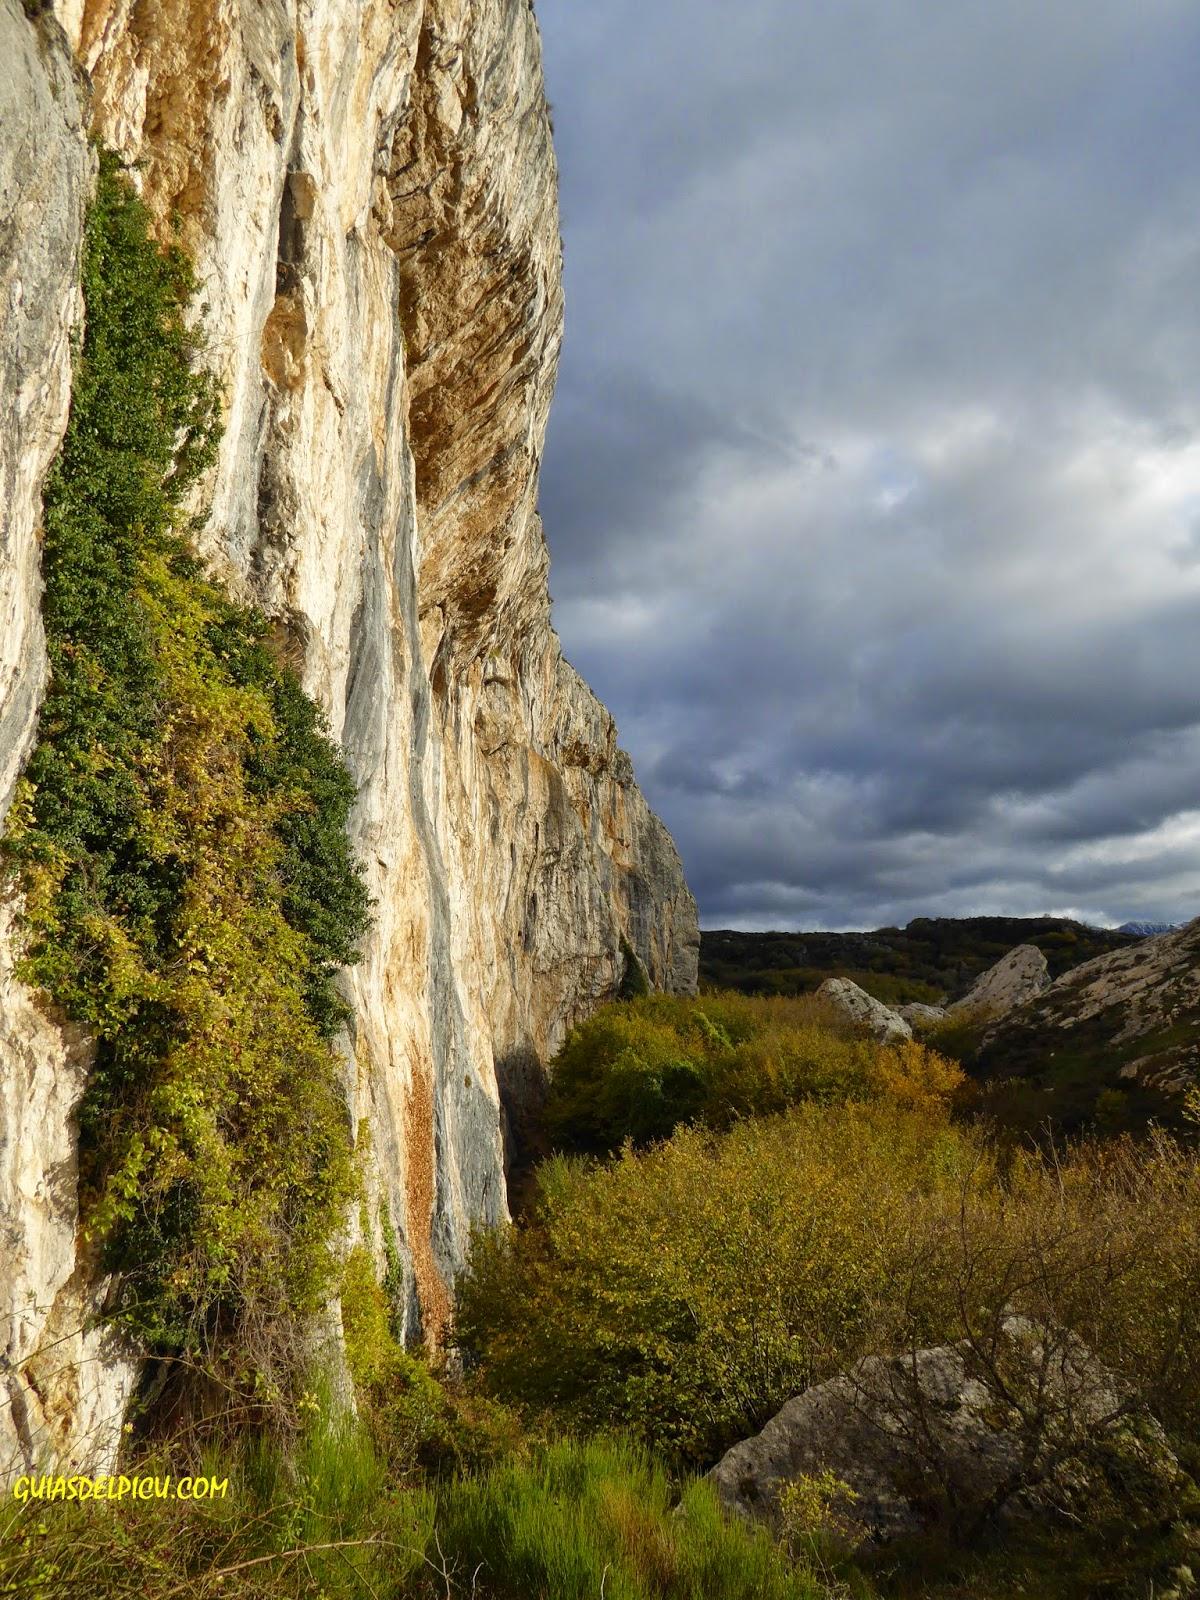 Guias del picu, guia de alta montaña, especialista en escalar el naranjo de bulnes , Fernando Calvo